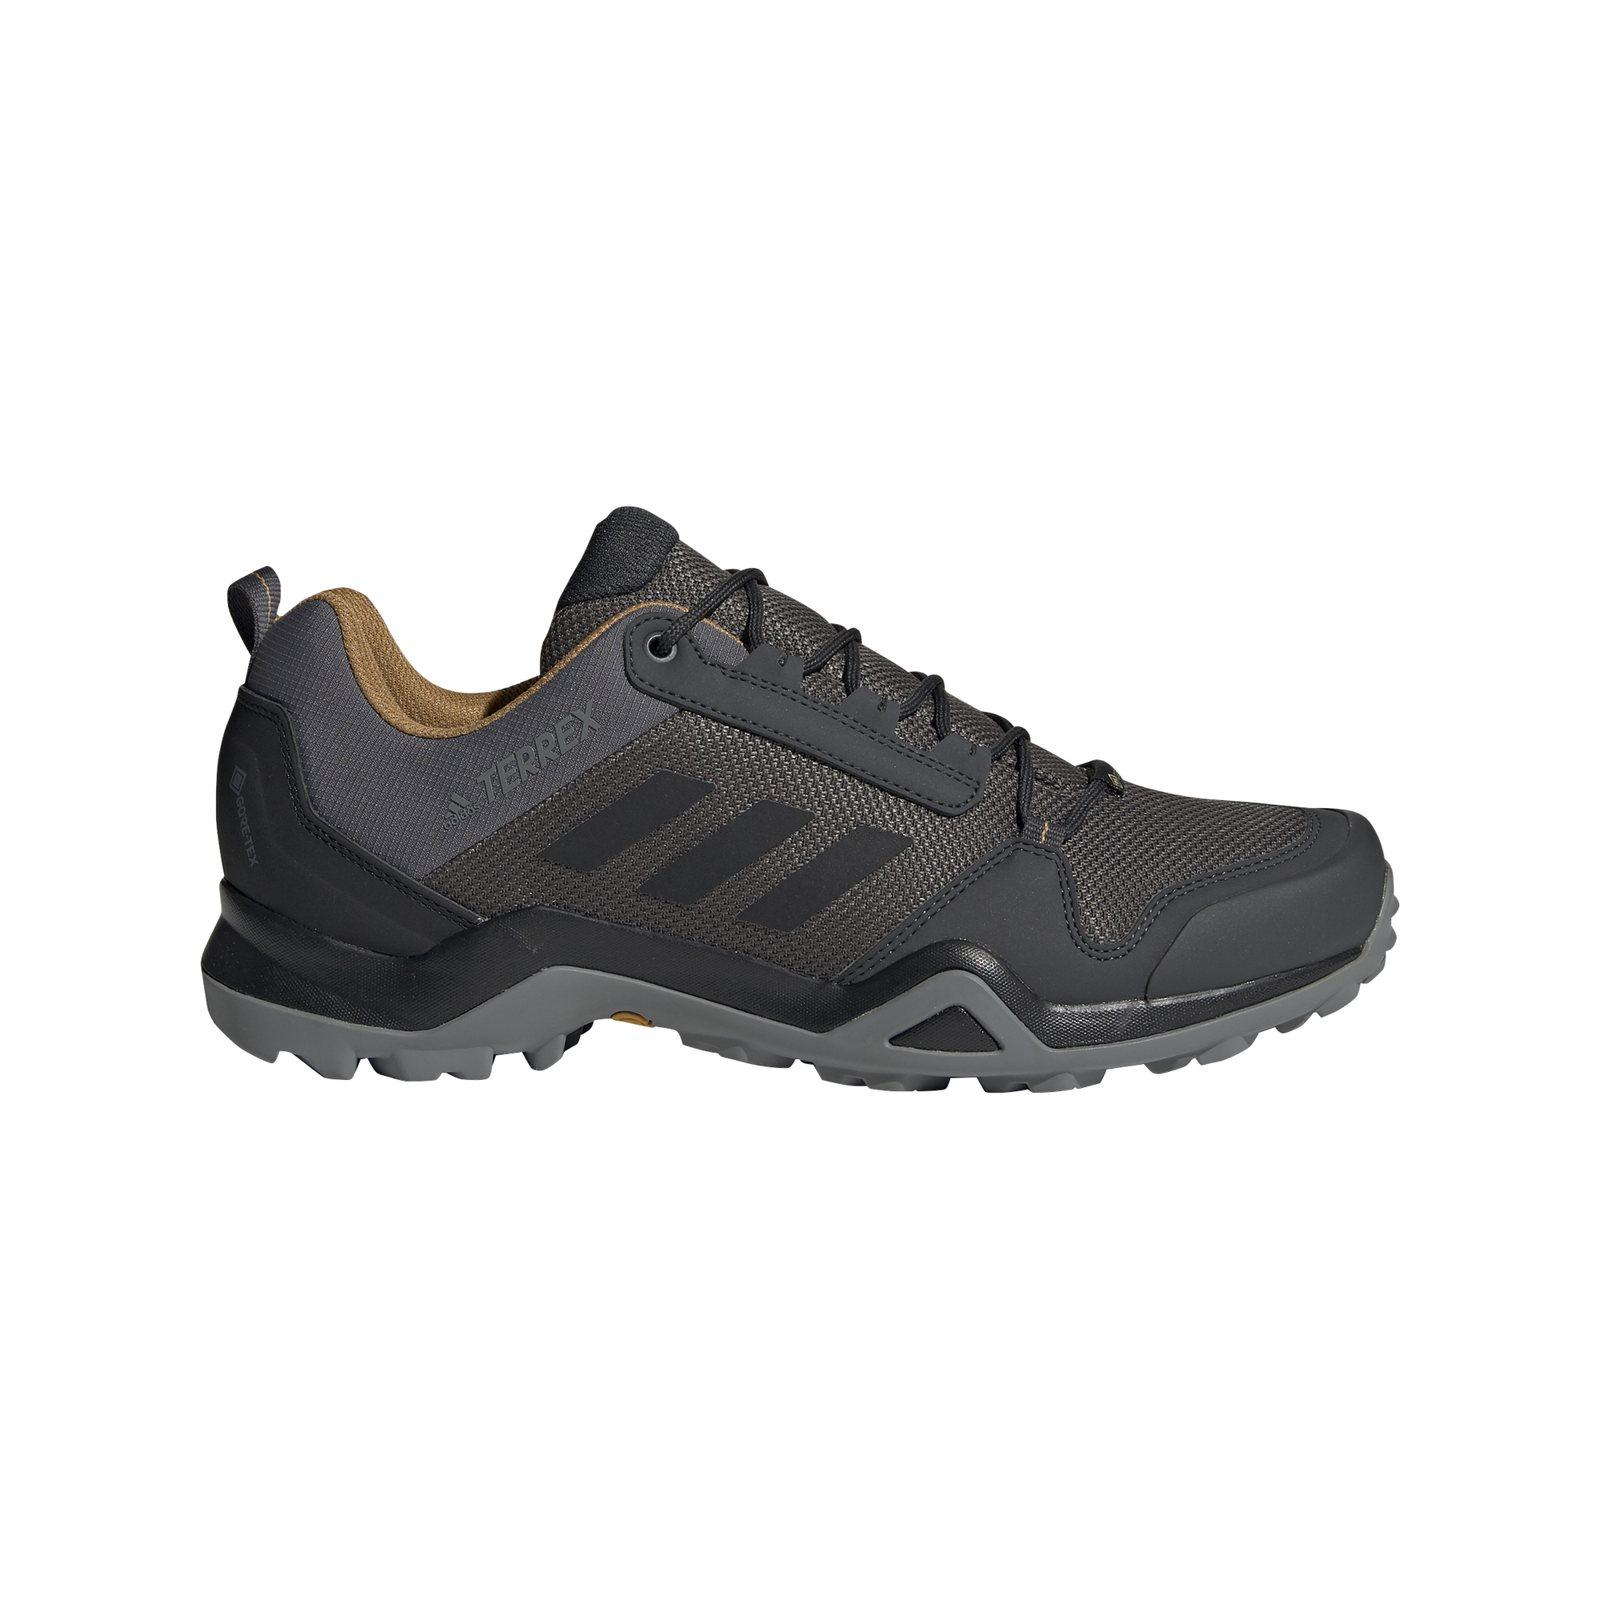 Adidas Terrex Ax3 Gtx Heren Wandelschoenen